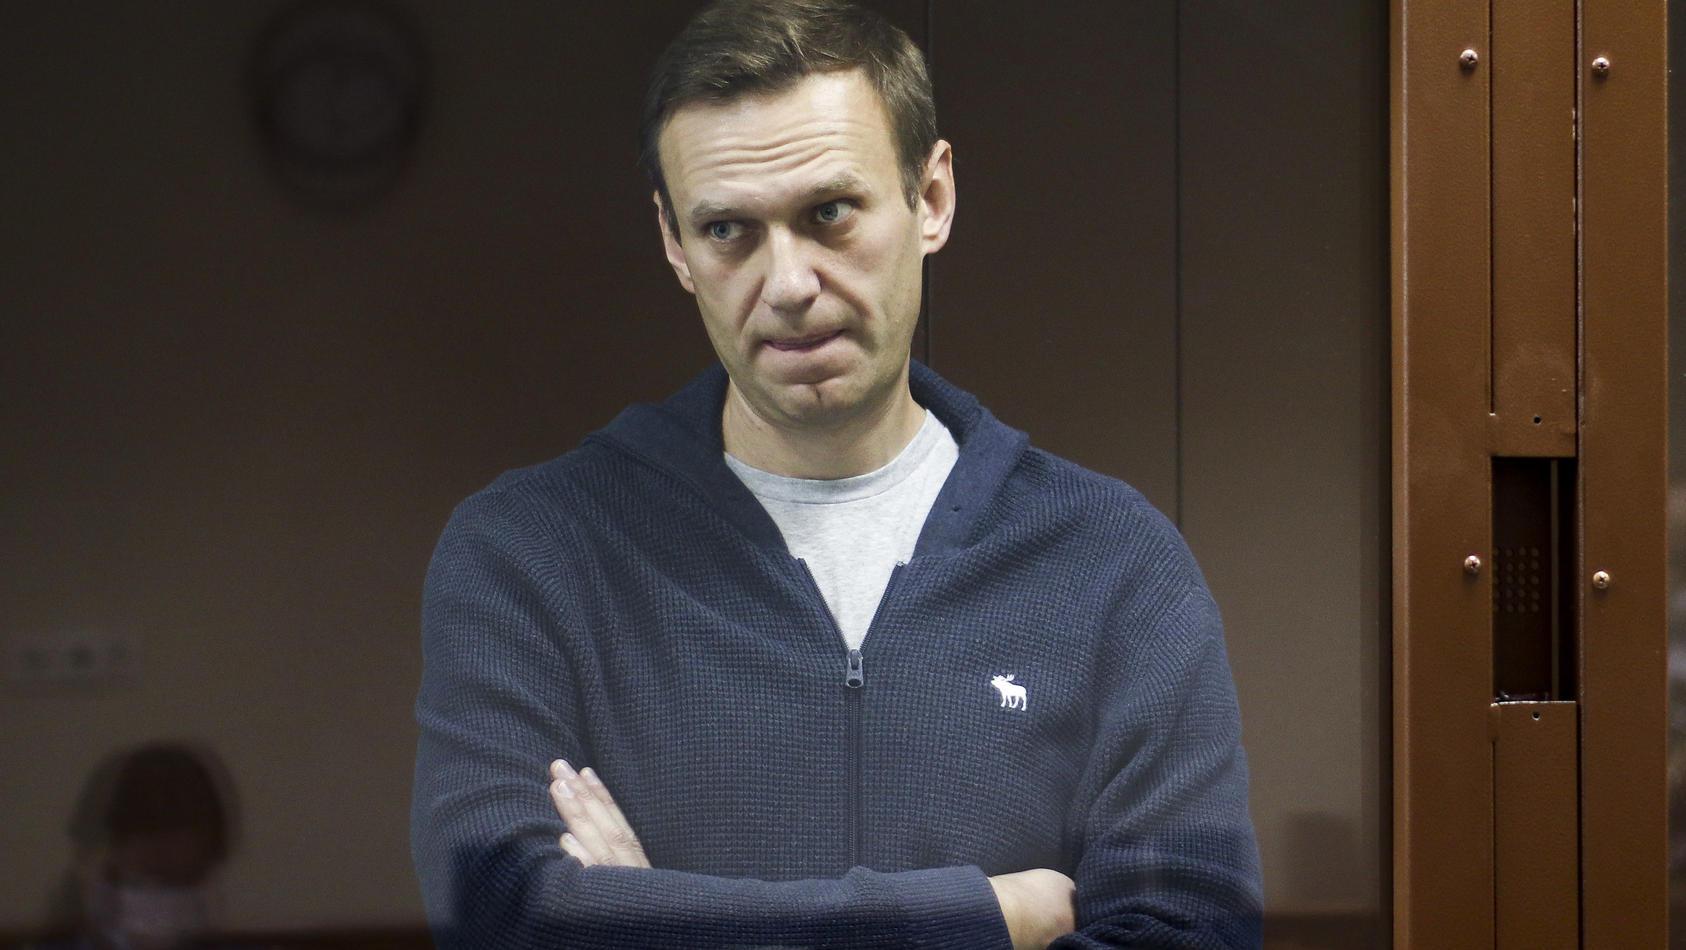 Kremlkritiker Nawalny befindet sich aktuell in einem russischen Straflager.